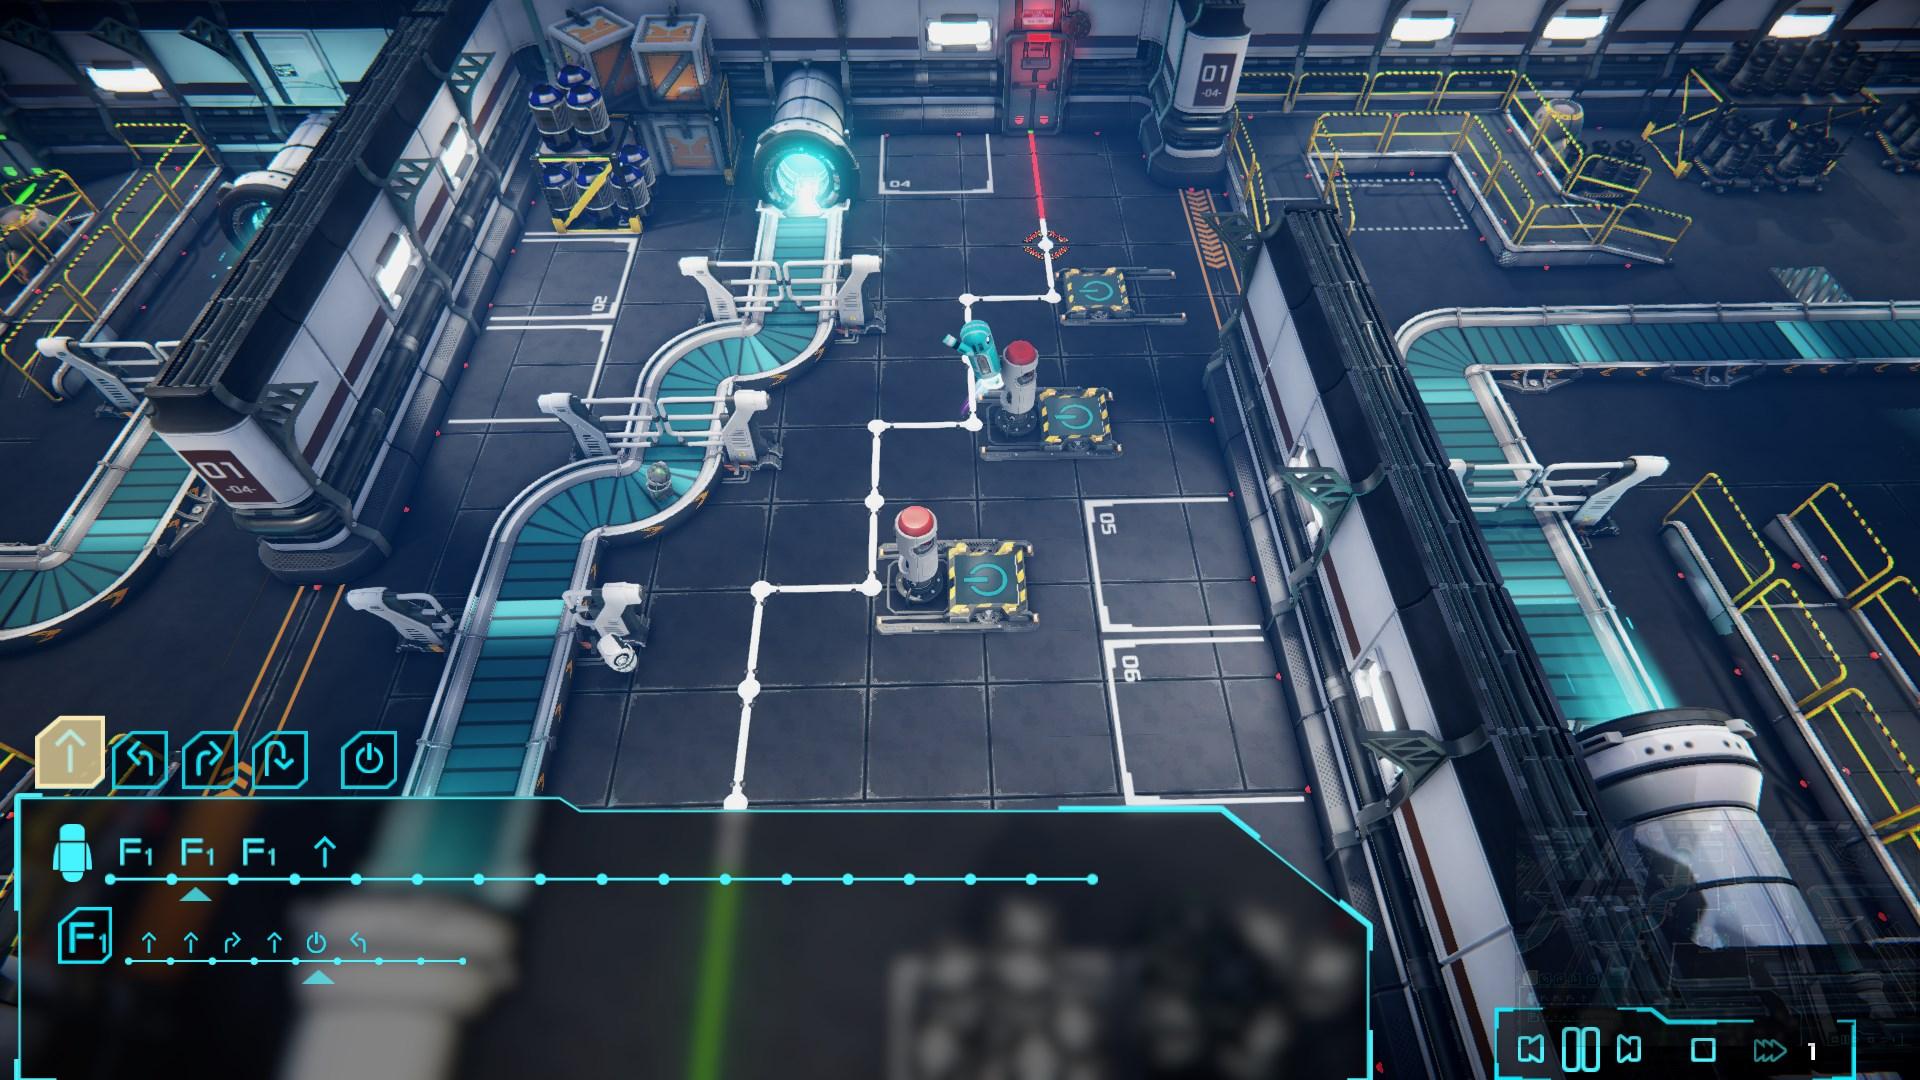 Algo Bot screenshot